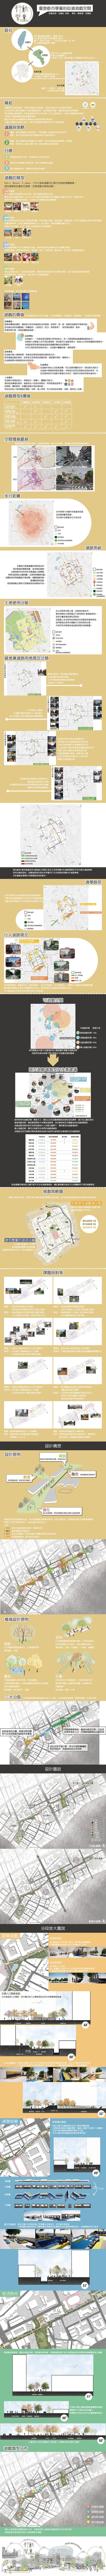 A02行動學童-重塑都市學童的街道遊戲空間-作品內容.jpg